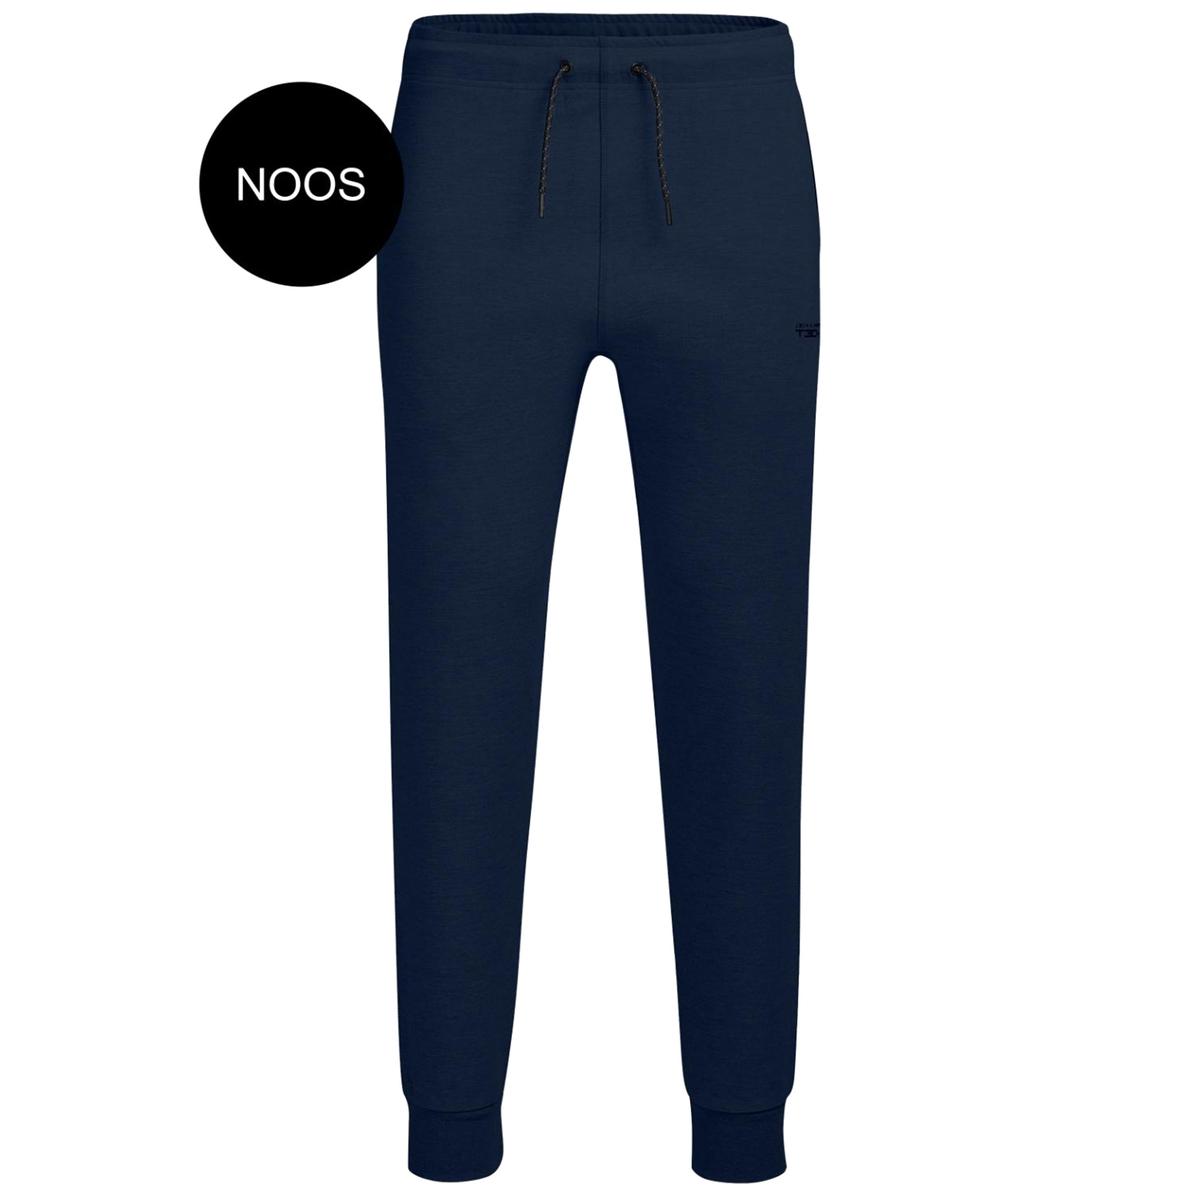 Брюки спортивныеДетали  •  Спортивные брюки  •  Стандартная высота поясаСостав и уход  •  60% хлопка, 40% полиэстера •  Следуйте советам по уходу, указанным на этикетке<br><br>Цвет: синий морской,черный<br>Размер: L.XL